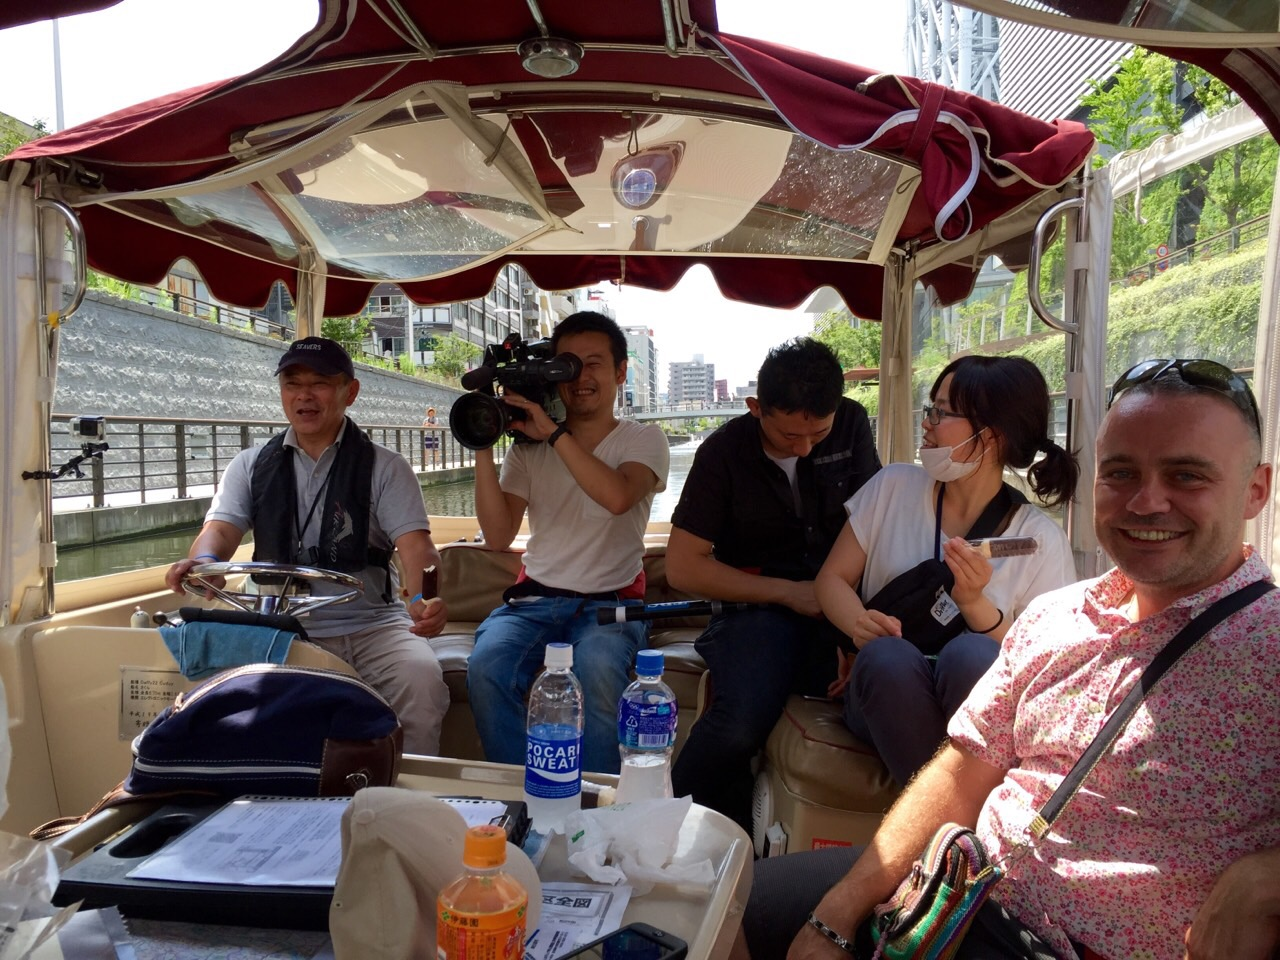 6/28放映のNスタ(TBS)に於いて、「東京水辺散歩 船で行くソラマチ散策ツアー」の模様が紹介されました!